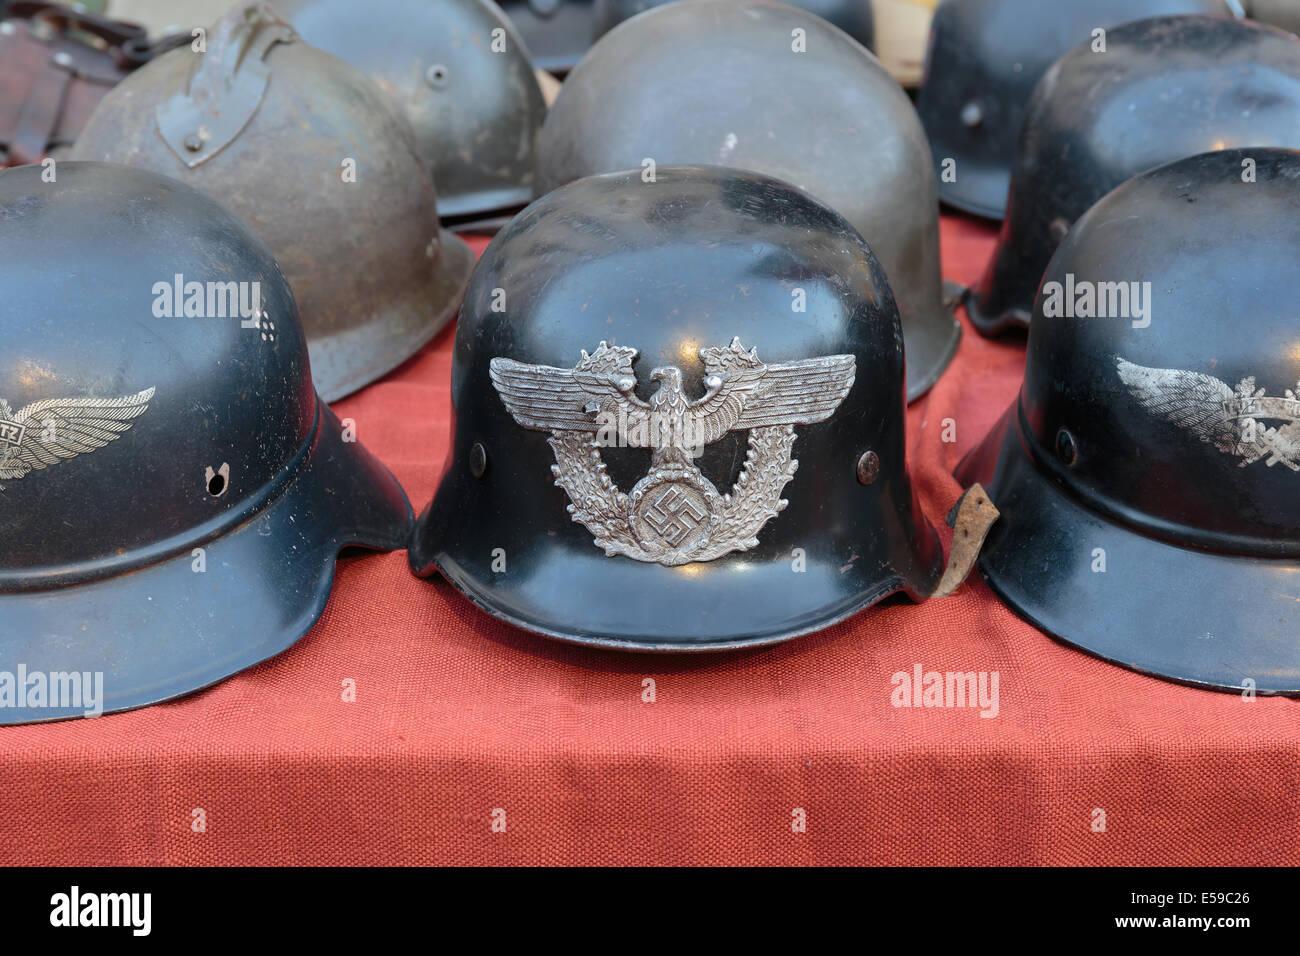 Alte Deutsche Helme Auf Einem Flohmarkt In Italien Stockfoto